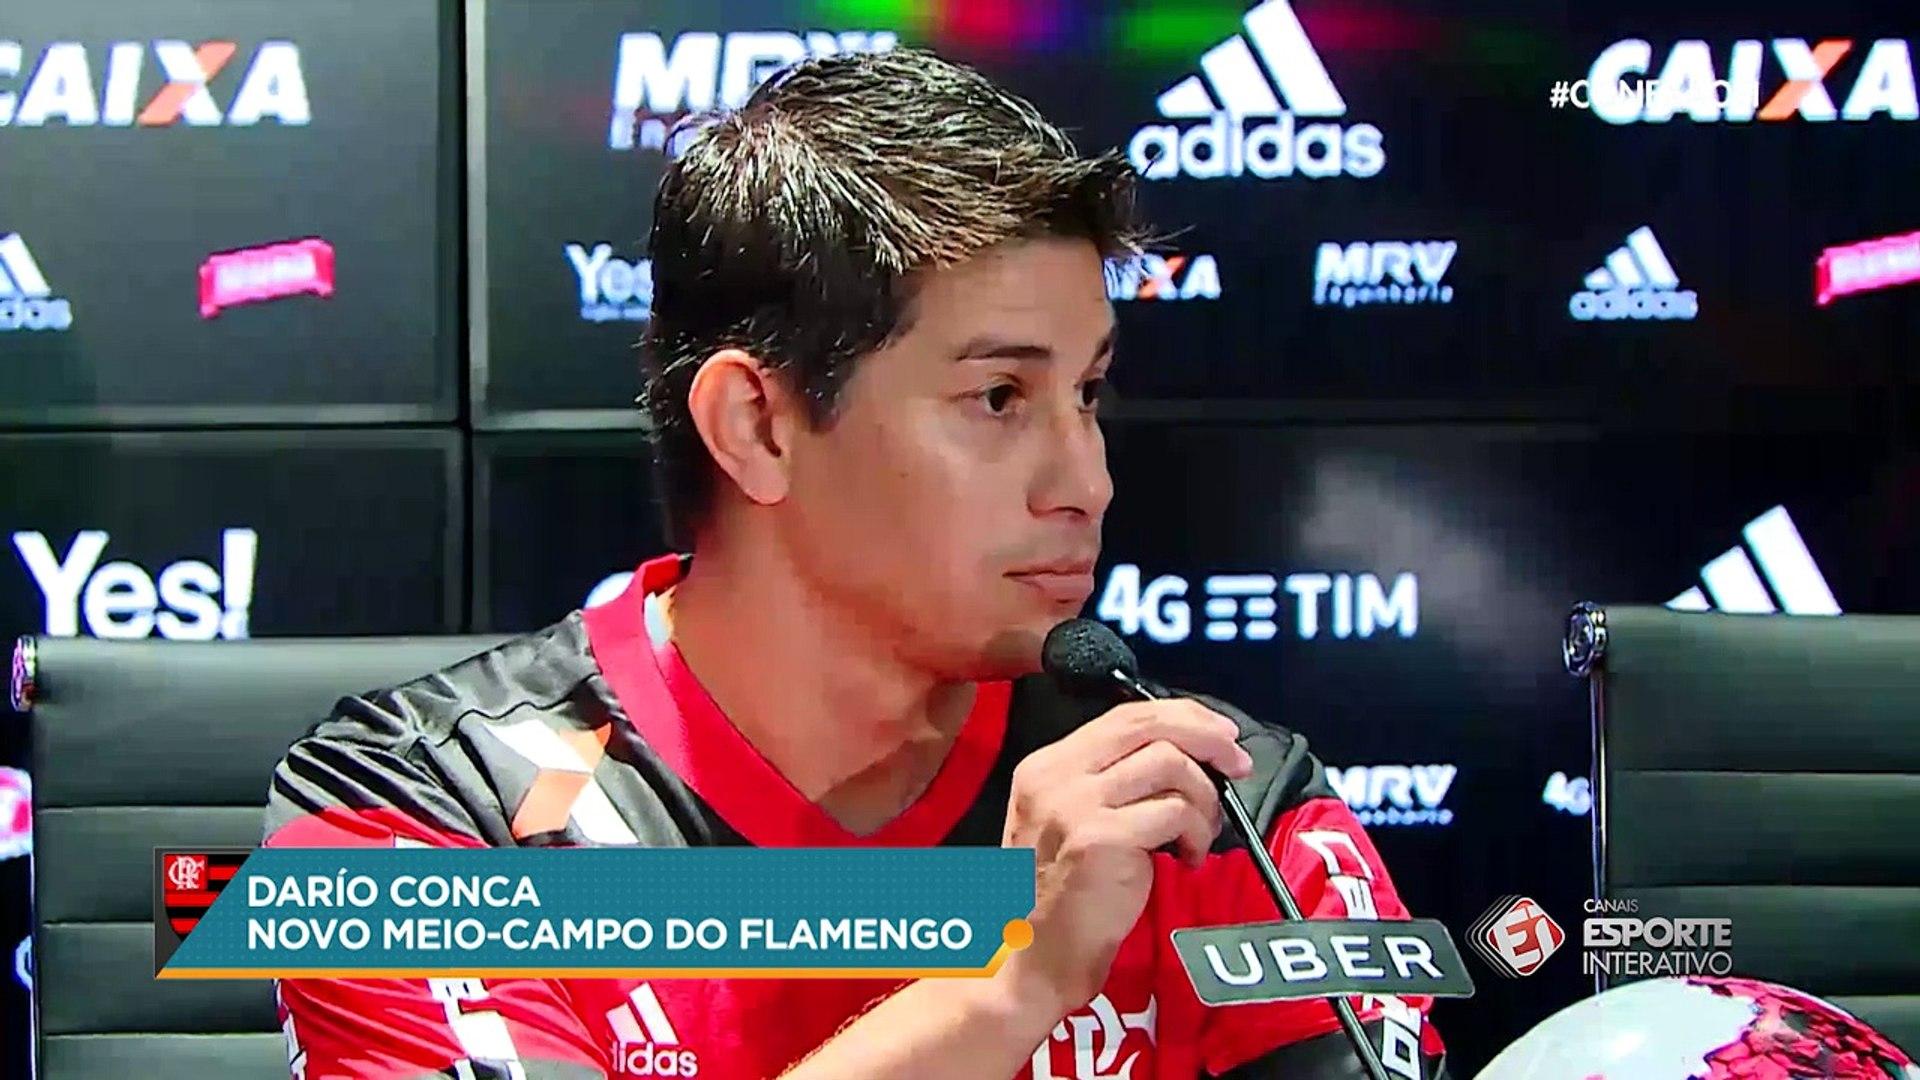 Conca justifica escolha pelo Flamengo: 'Me apoiaram em um momento difícil da minha carreira